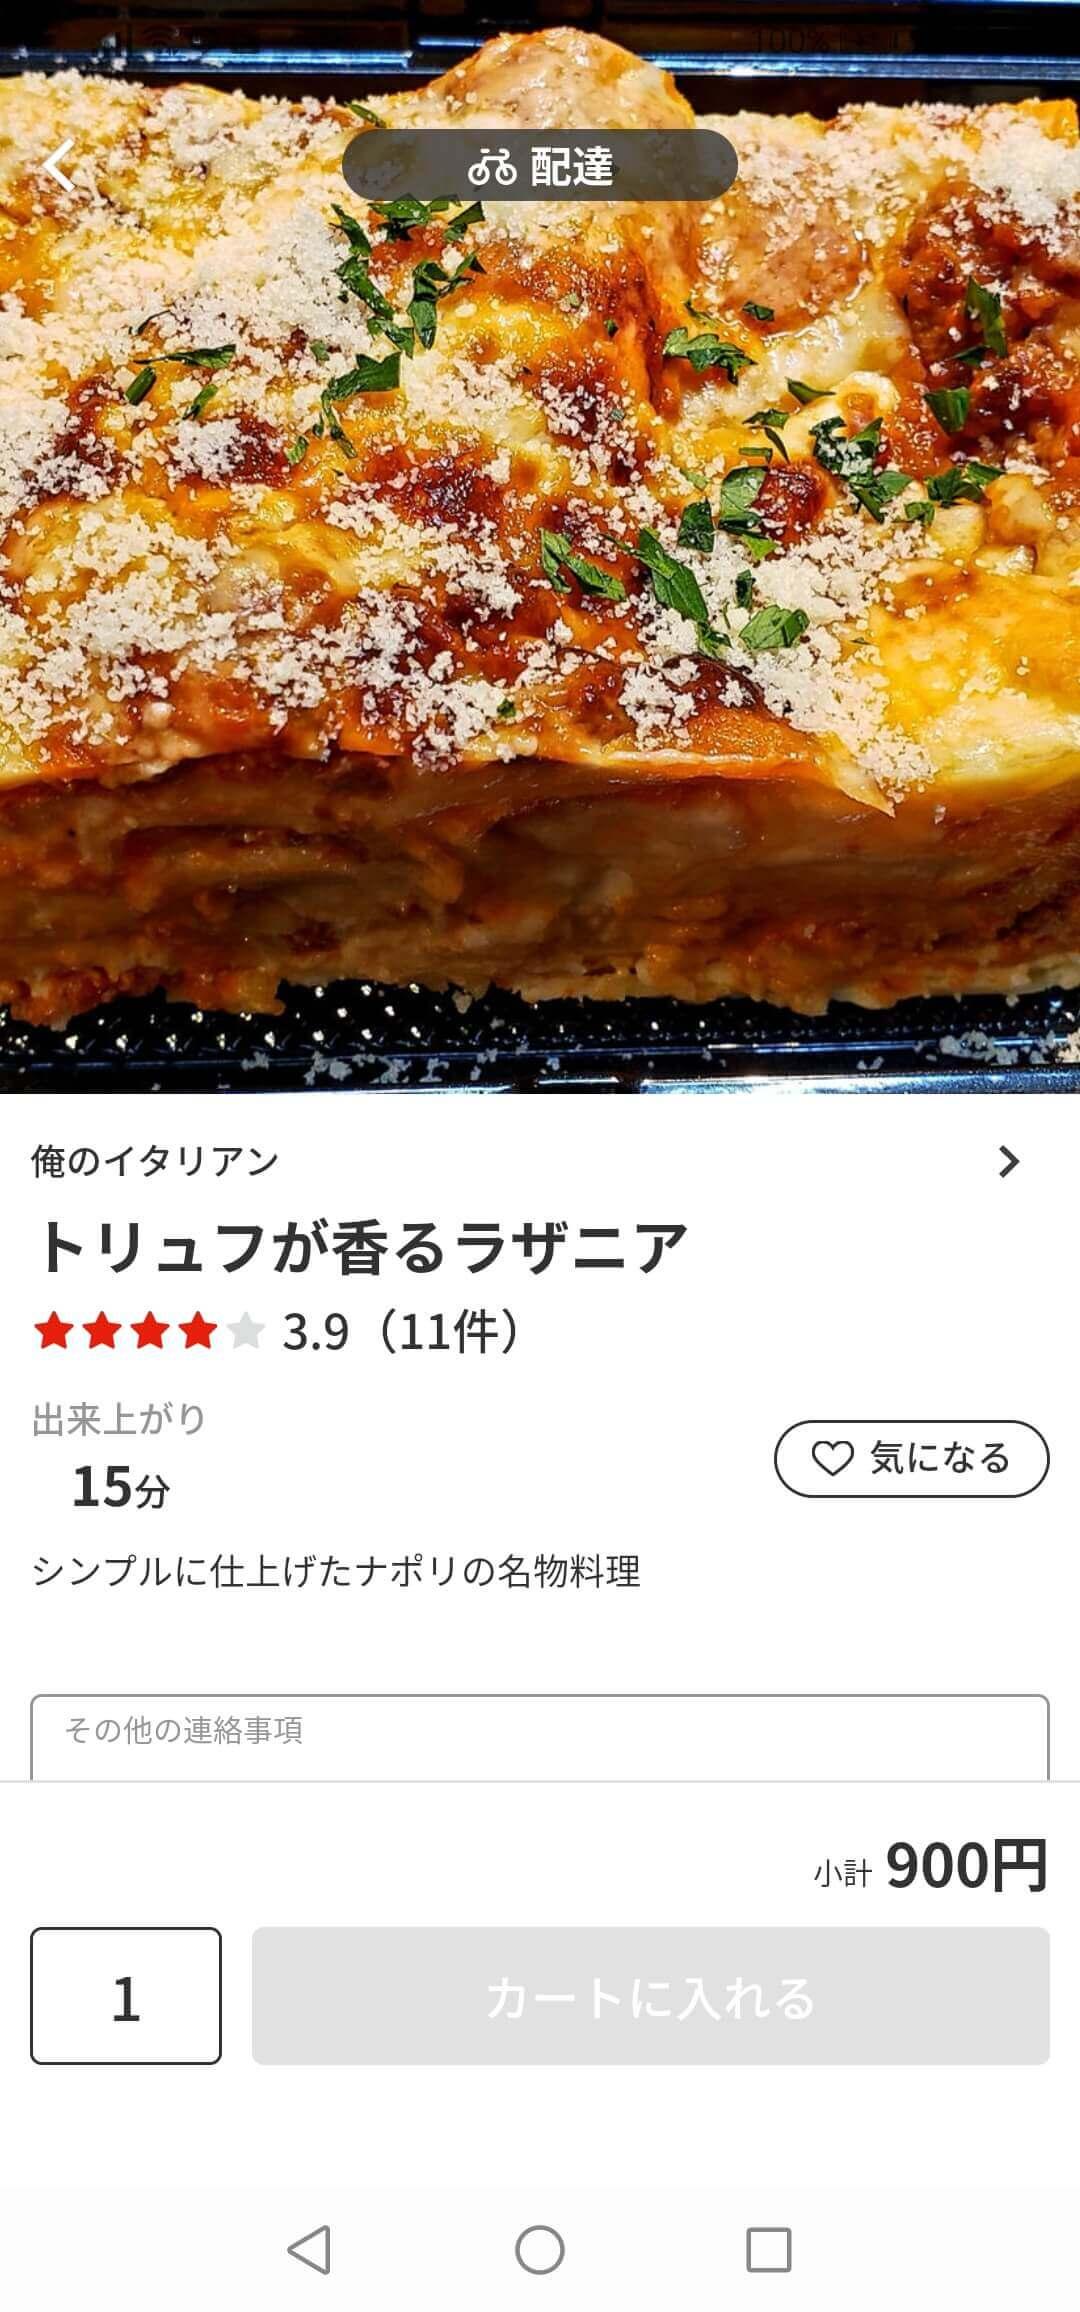 menu(メニュー)東京都内のおすすめ店舗・イタリアン【俺のイタリアン】『トリュフの香るラザニア』900円